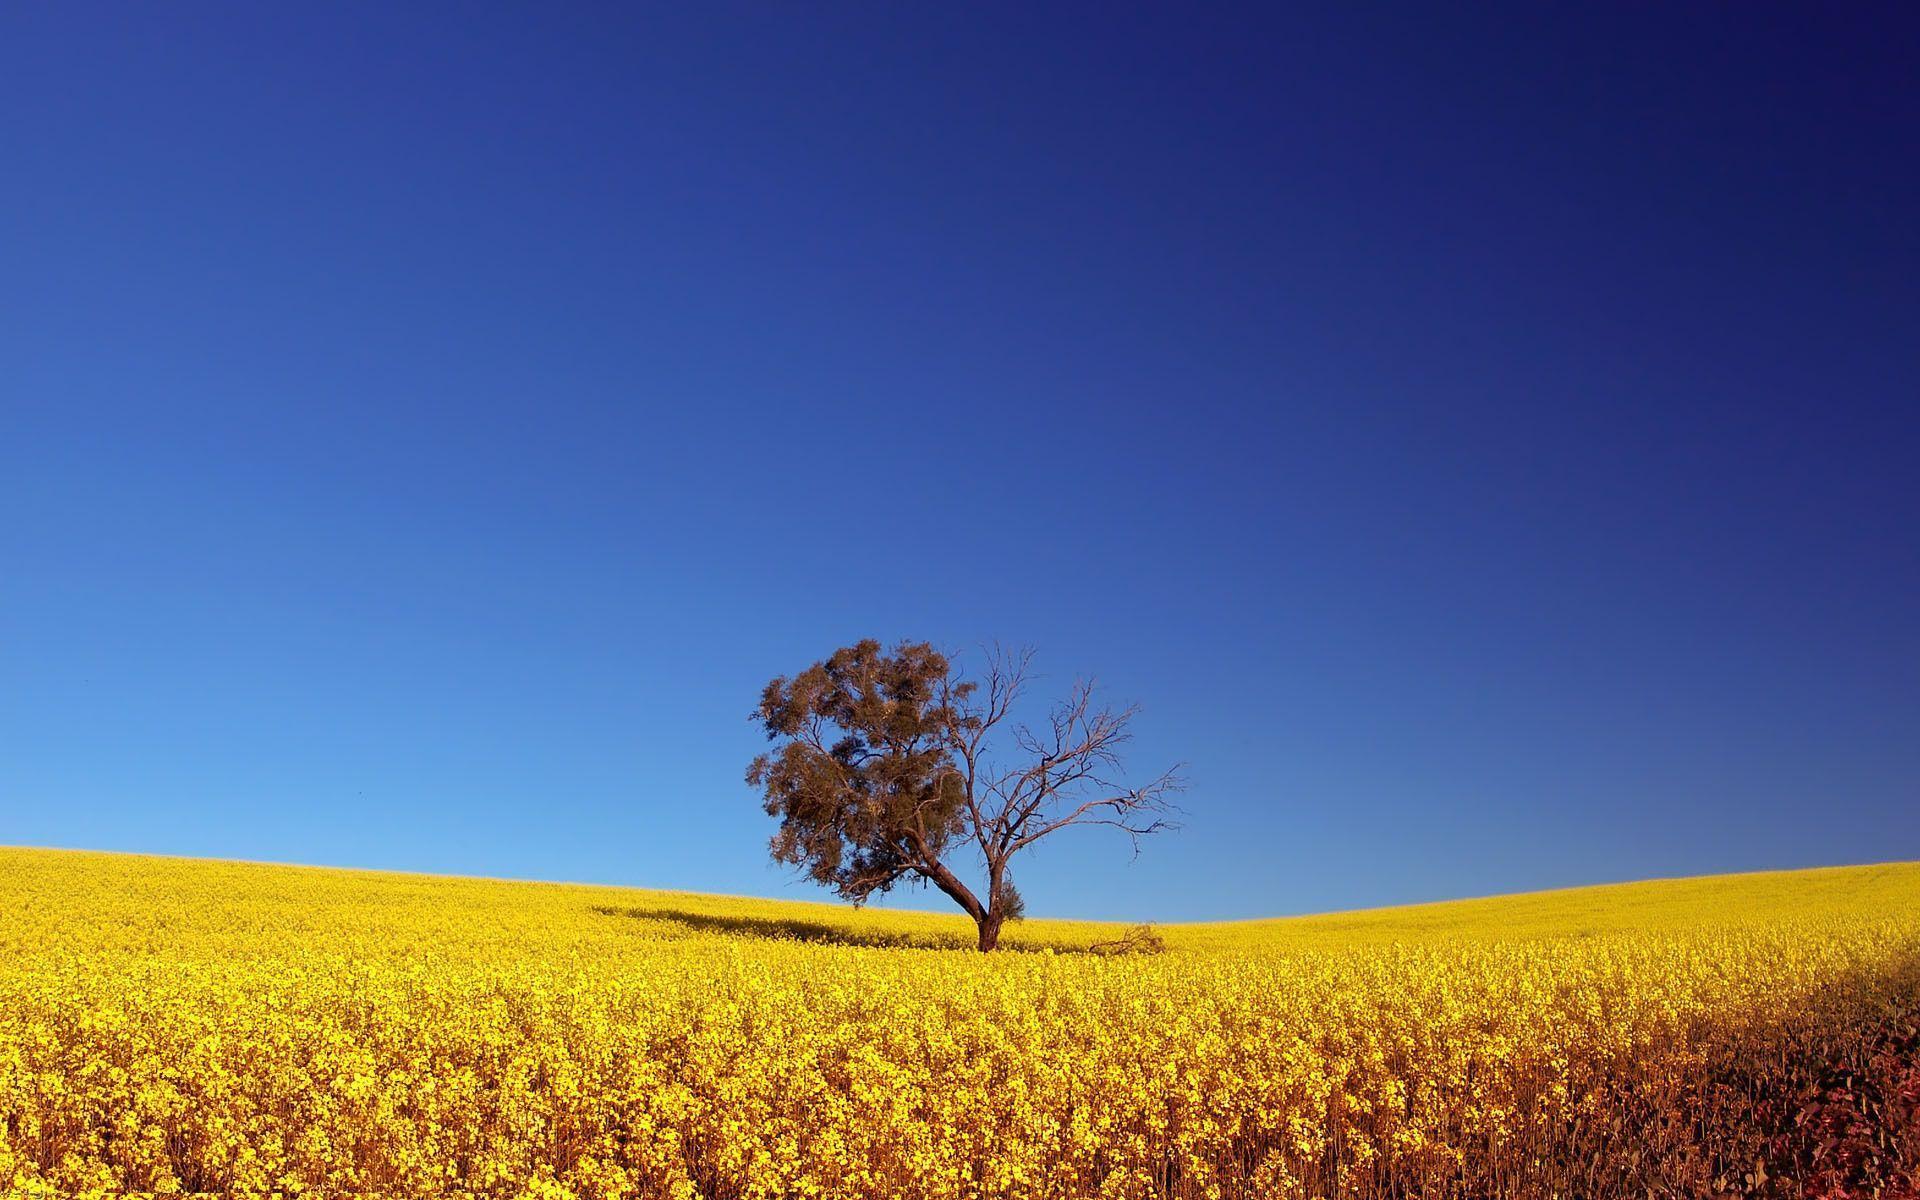 Sarı ve Mavinin Bütünlüğü